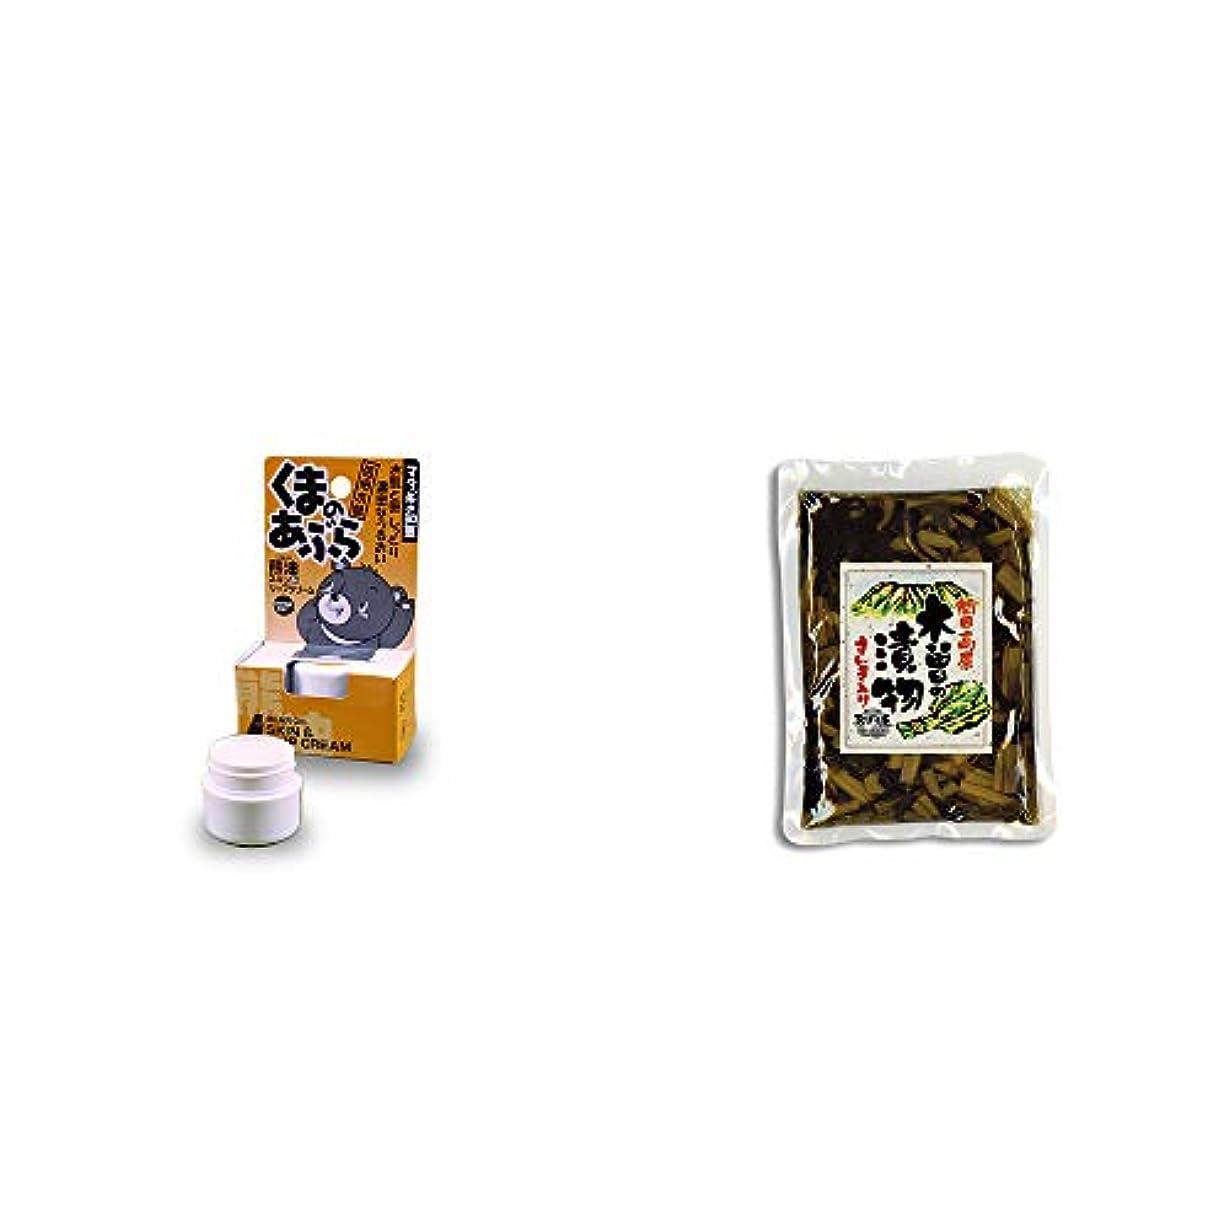 繁雑最近酔う[2点セット] 信州木曽 くまのあぶら 熊油スキン&リップクリーム(9g)?【年中販売】木曽の漬物 すんき入り(200g) / すんき漬け味付加工品 //